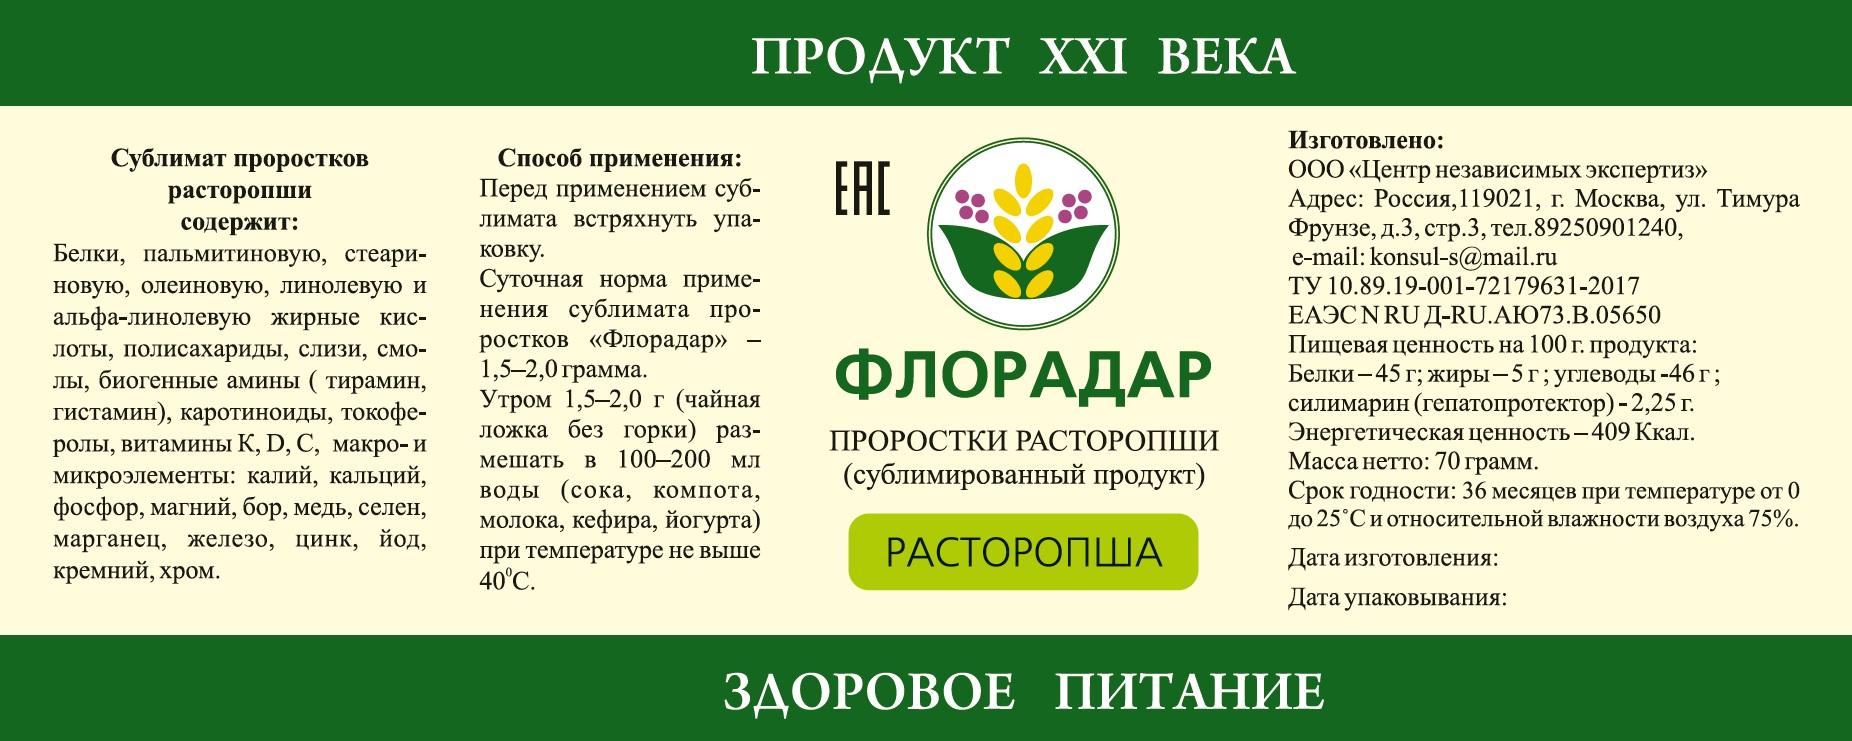 этикетка флорадара Рас